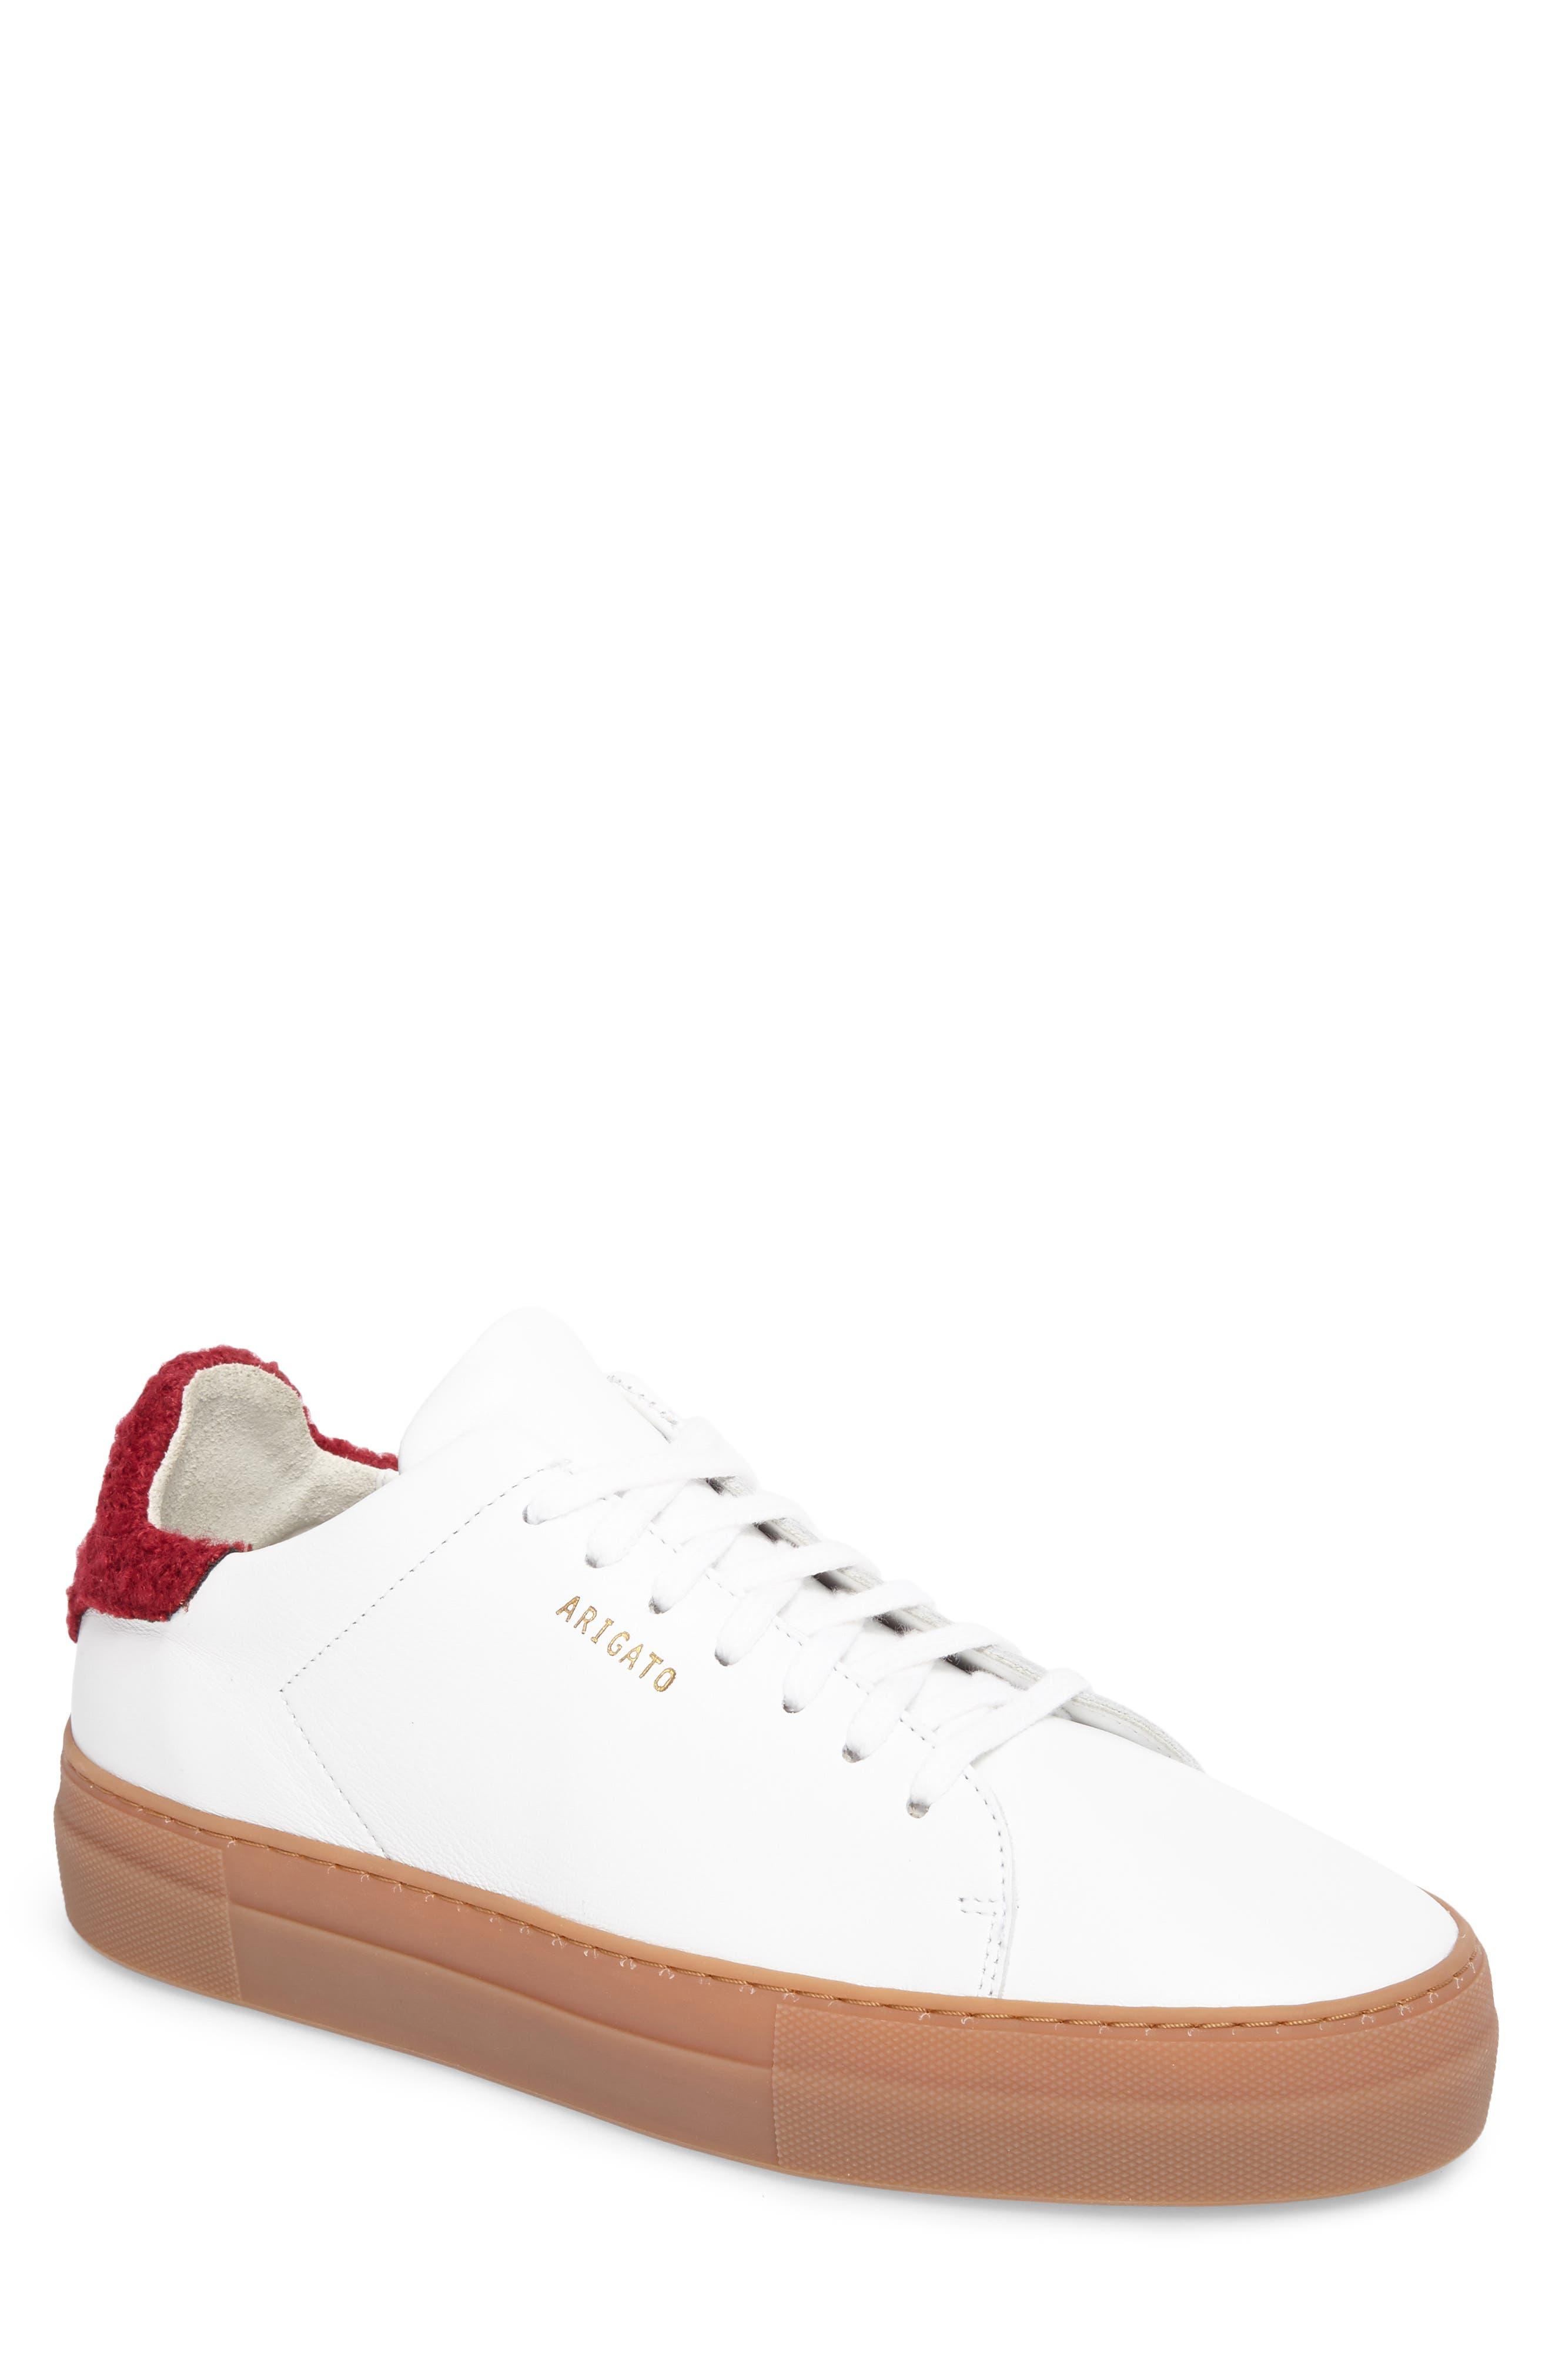 Axel Arigato Clean 360 Fuzzy Heel Sneaker (Men)